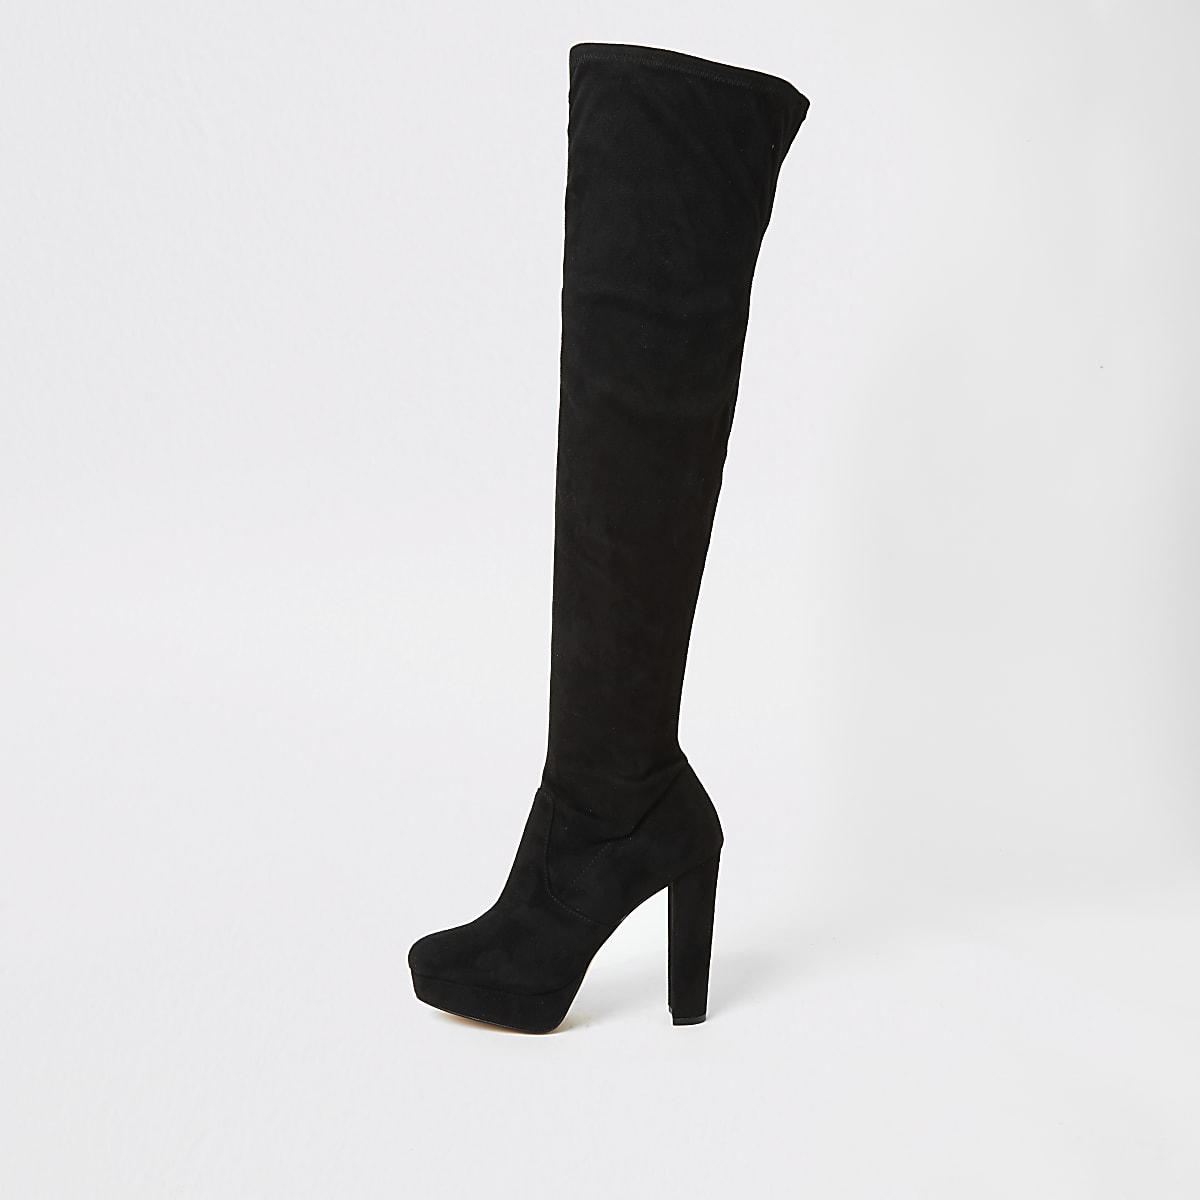 Zwarte hoge laarzen met brede pasvorm, plateauzool en hak